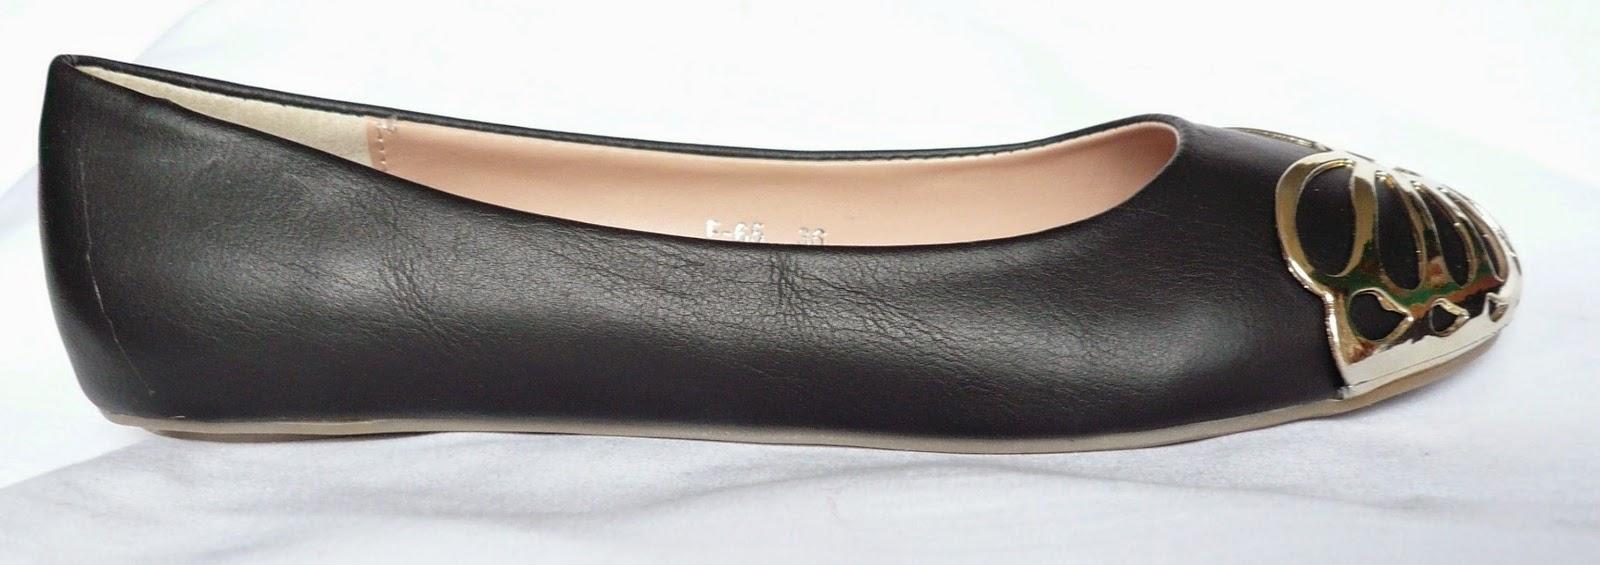 http://www.ebay.fr/itm/ballerines-papillon-noires-ballerine-interieur-cuir-petit-prix-noir-mignonnes-/300885566589?ssPageName=STRK:MESE:IT